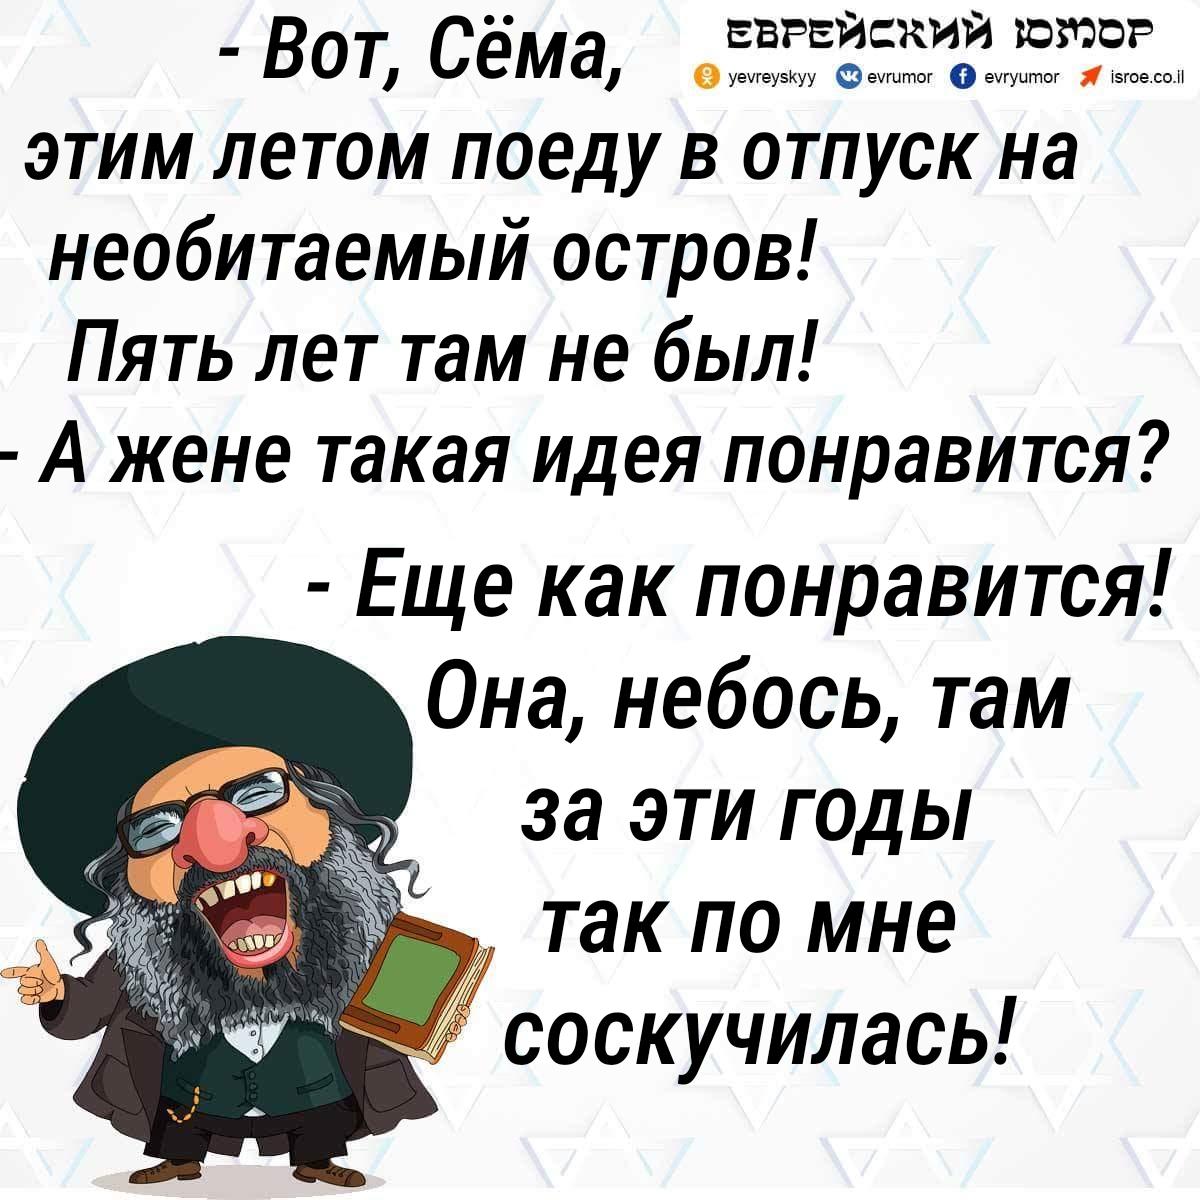 Еврейский юмор. Одесский анекдот. Необитаемый остров.